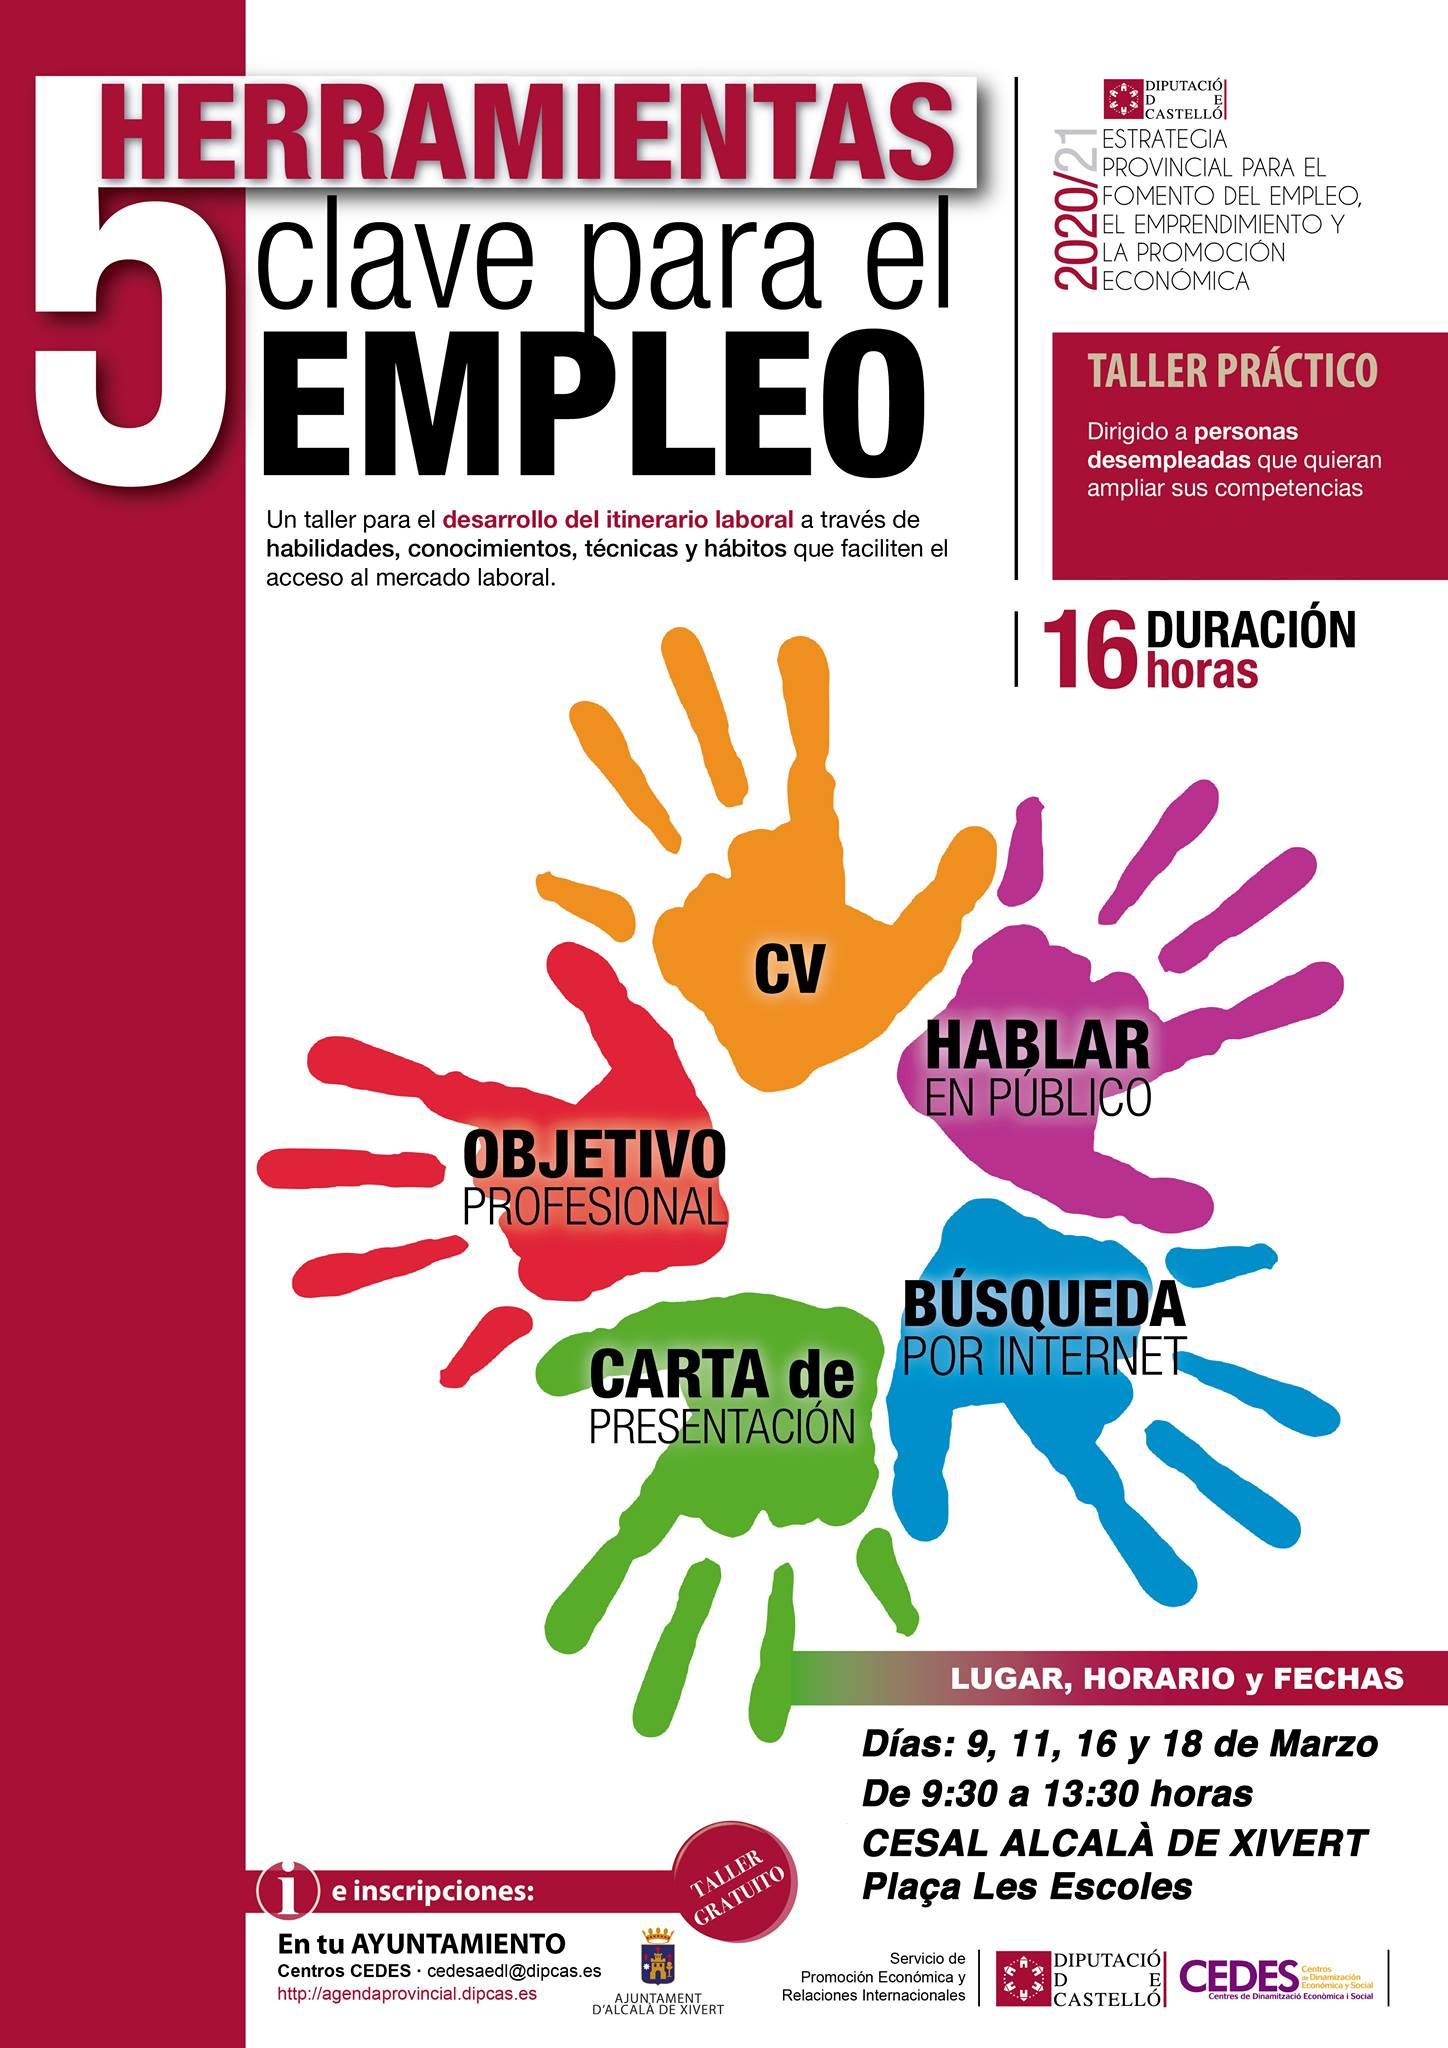 Curso 5 Herramientas Clave para el Empleo